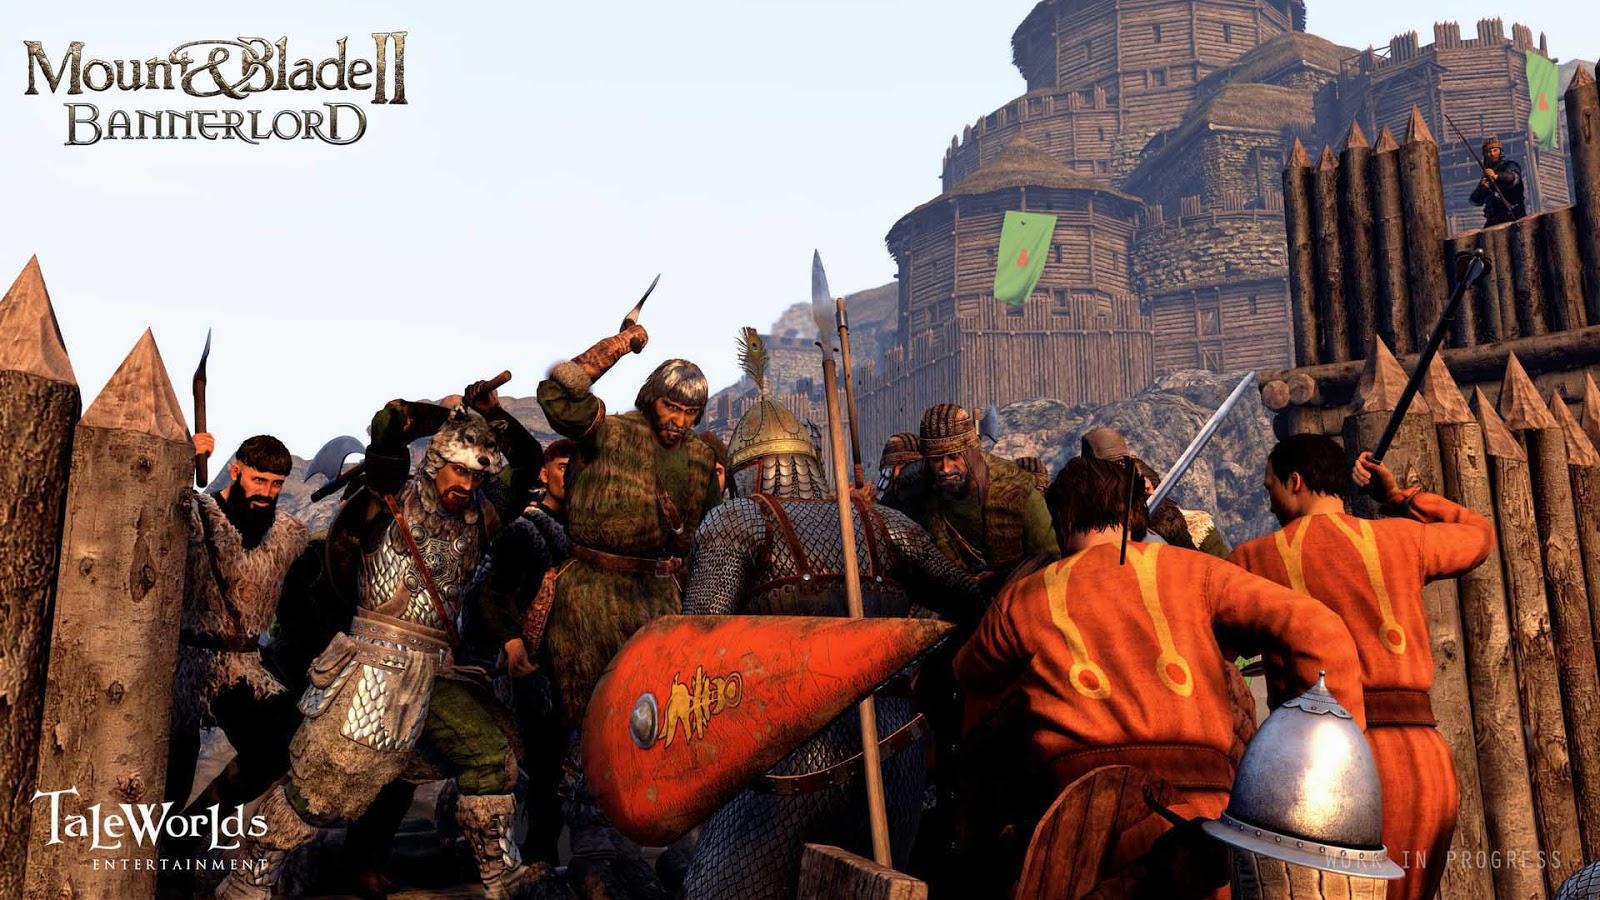 المرجعة الشاملة للعبة Mount and Blade II Bannerlord